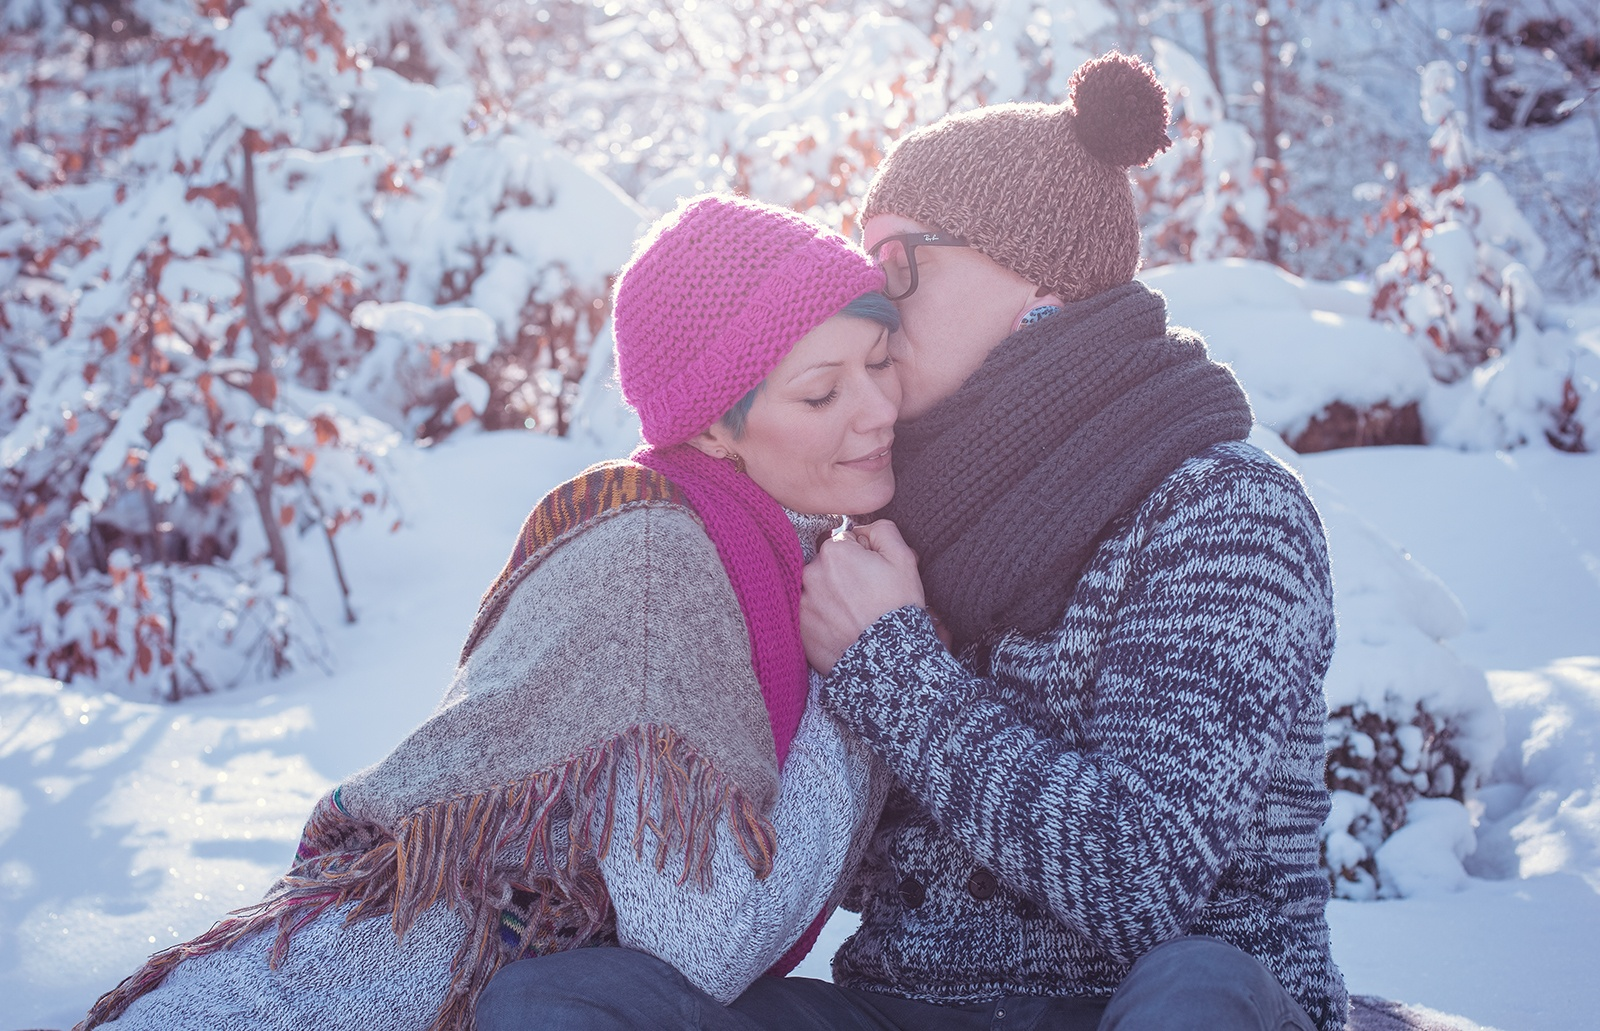 winter fotoshooting pärchen schweiz